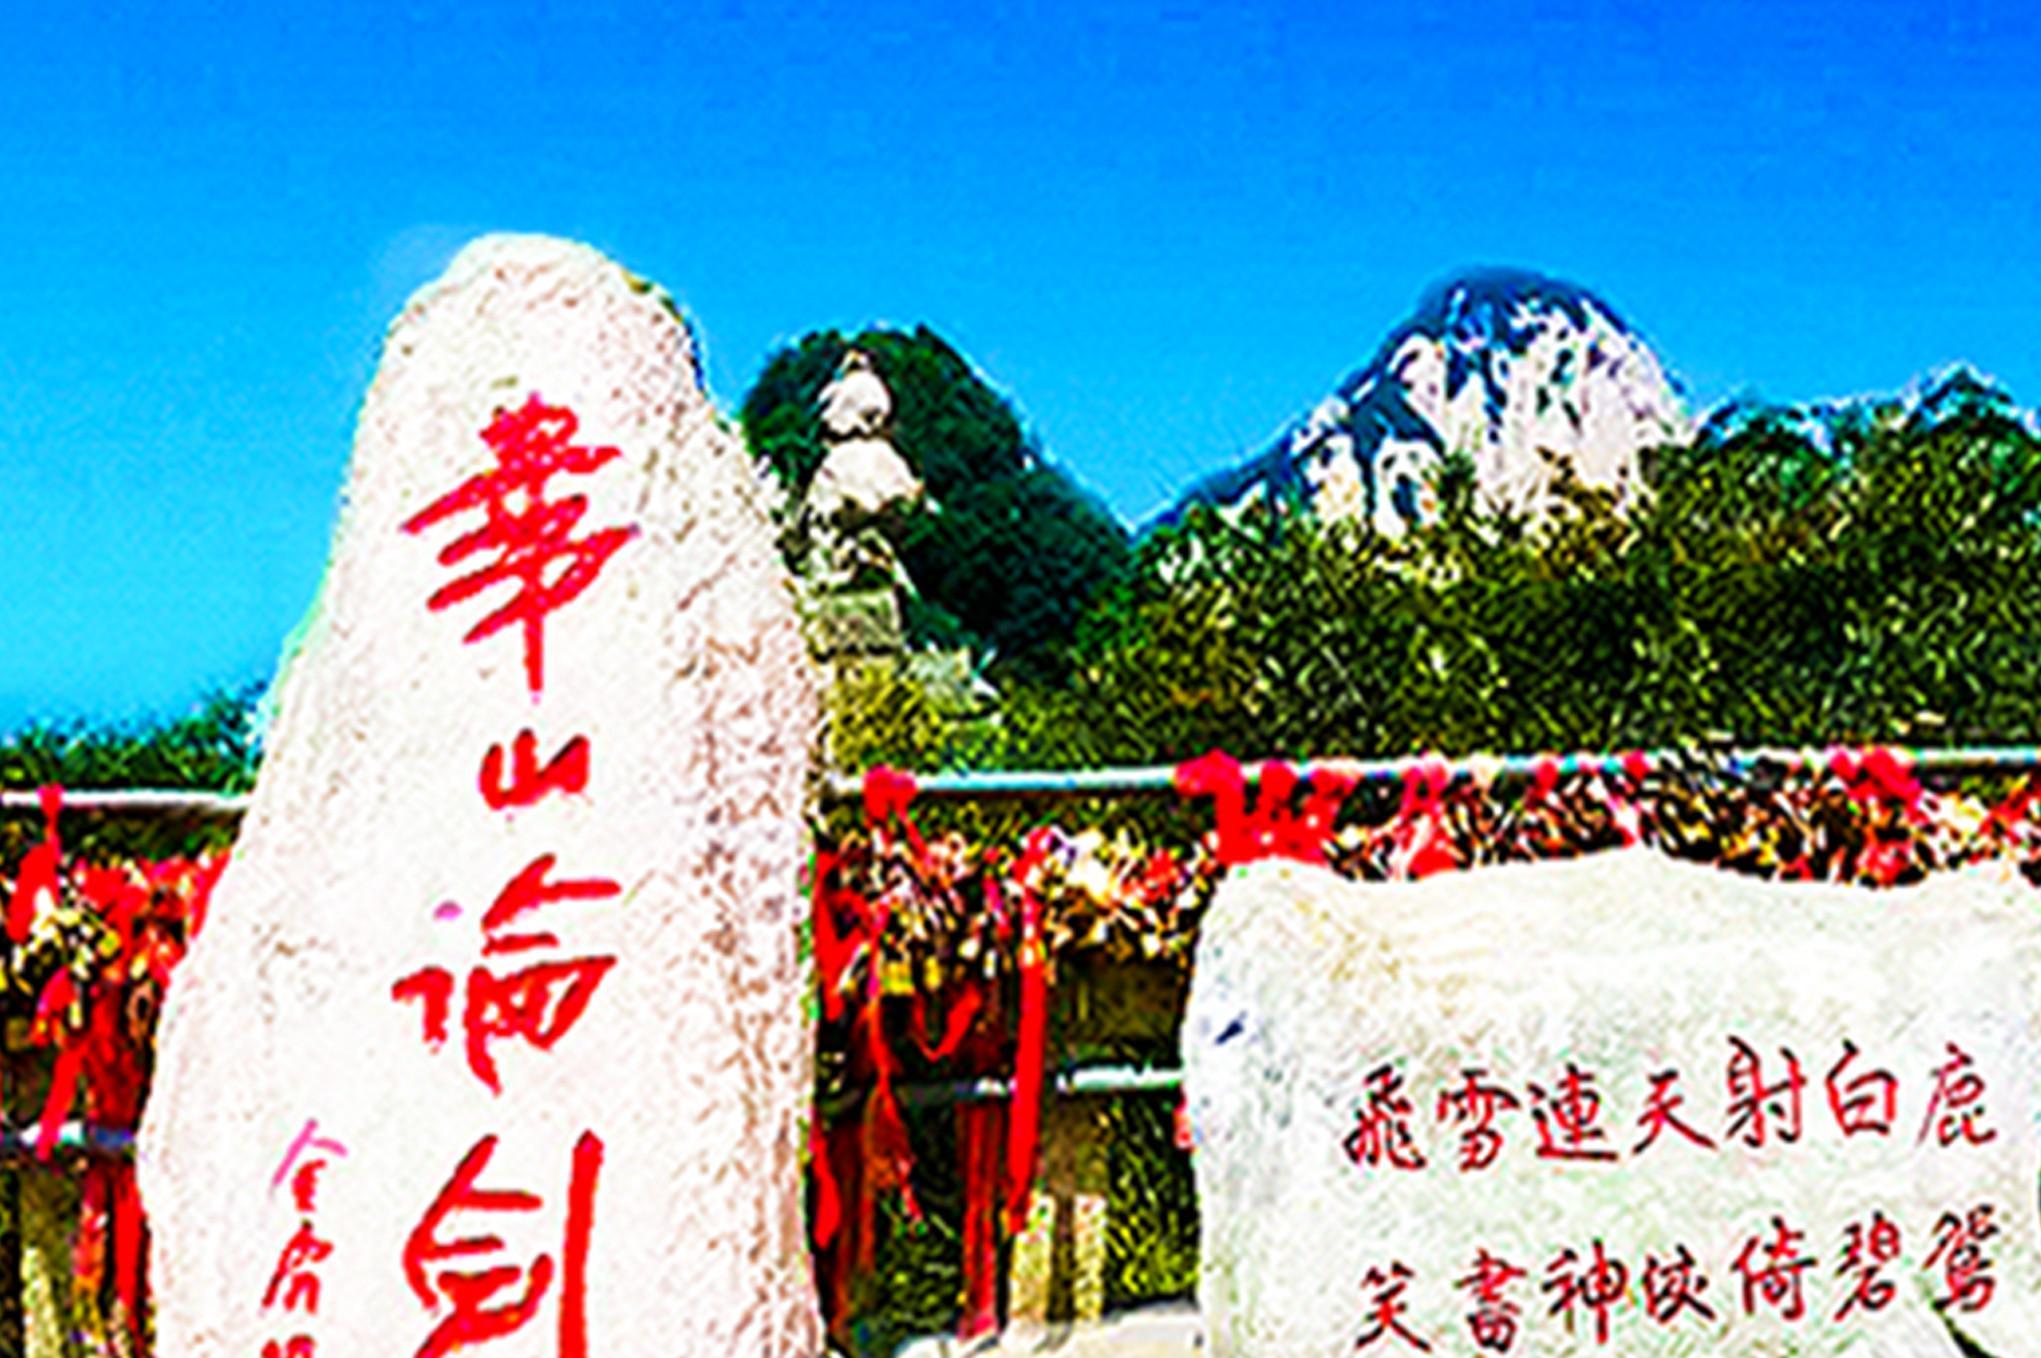 陕西华山1日游北上北下、报车费、冰峰、软香酥、祈福带、手绘地图、接送机